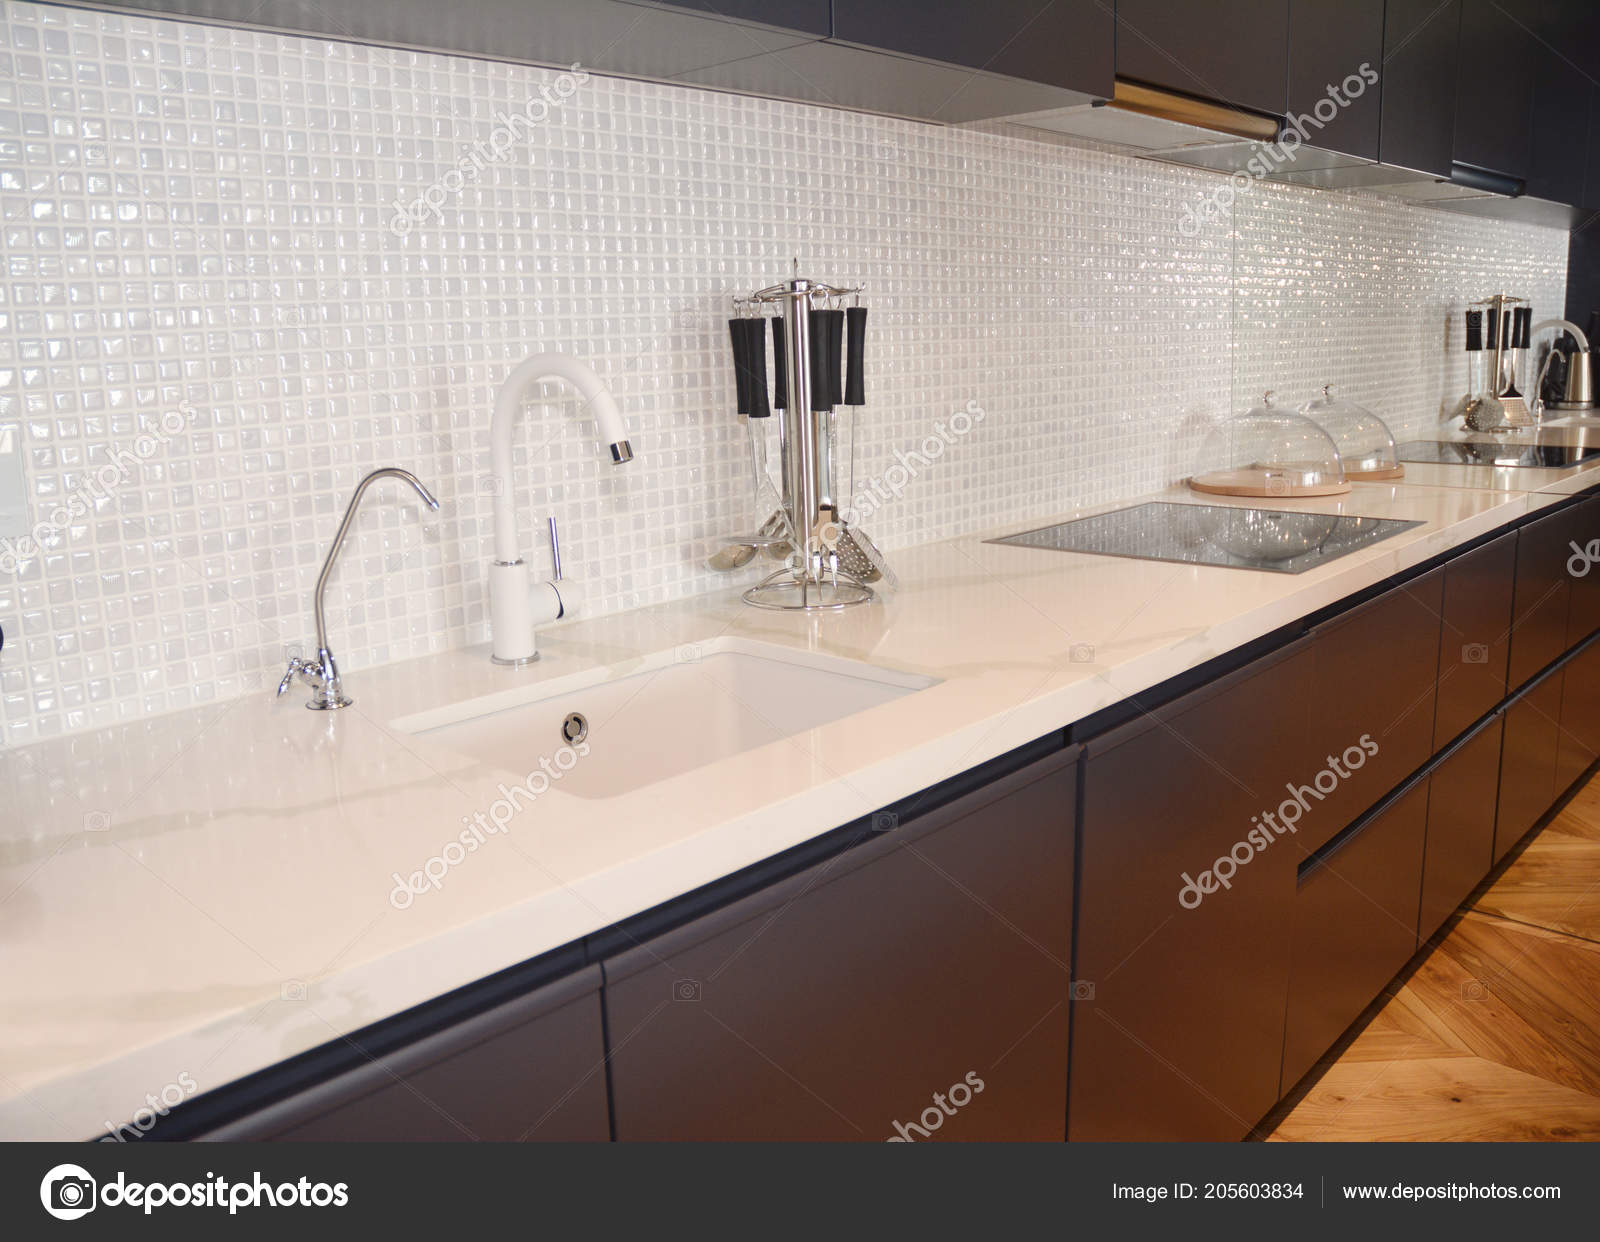 ceramic kitchen sink antique hutch 现代厨房金属水龙头炊具罩和陶瓷厨房水槽厨房台面陶瓷厨房水槽 图库照片